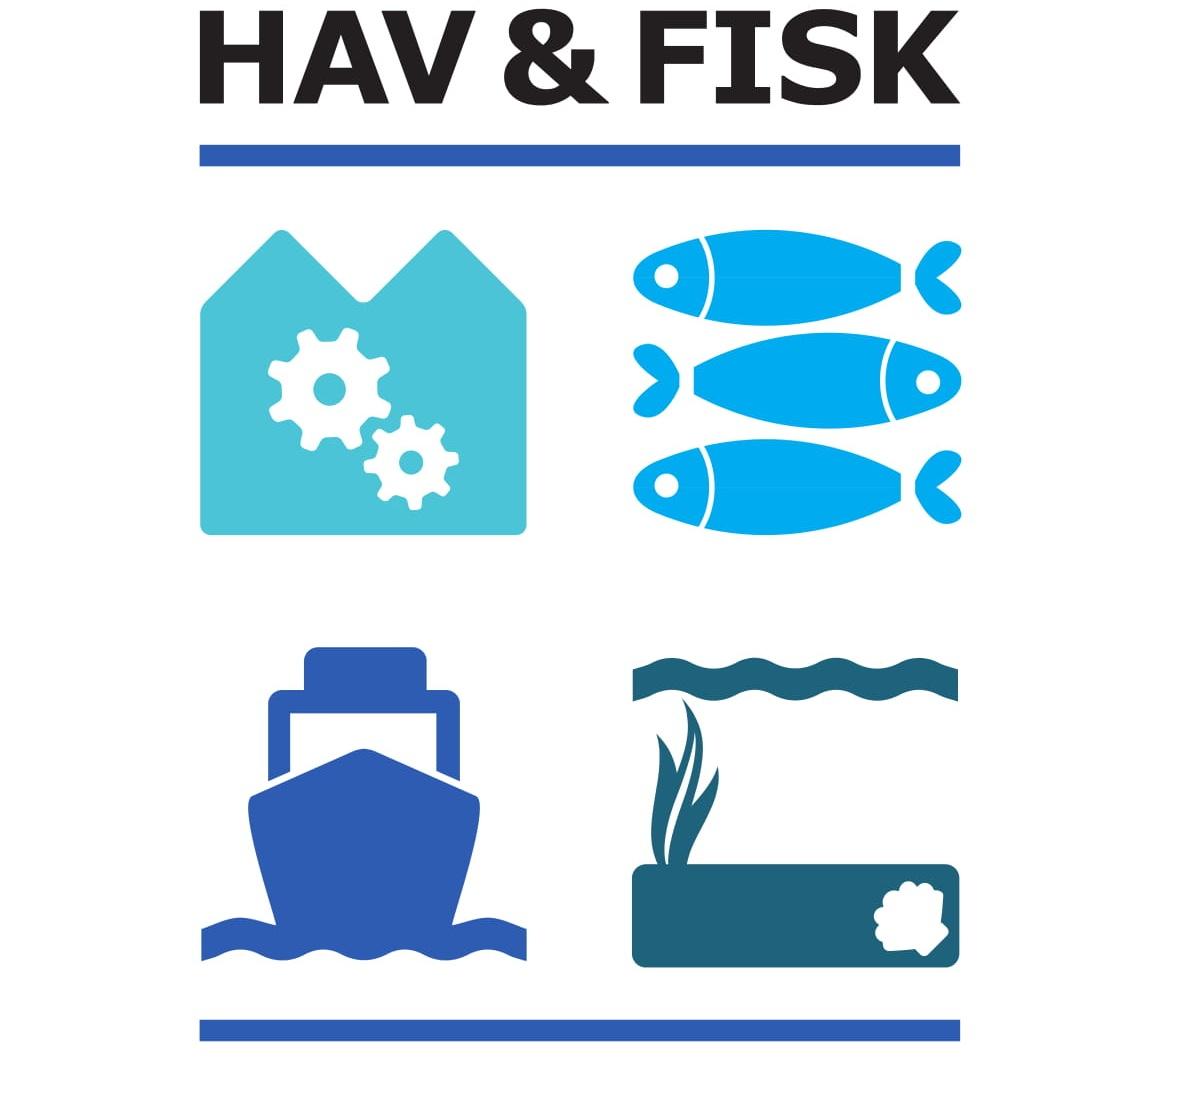 havfisk-1.jpg